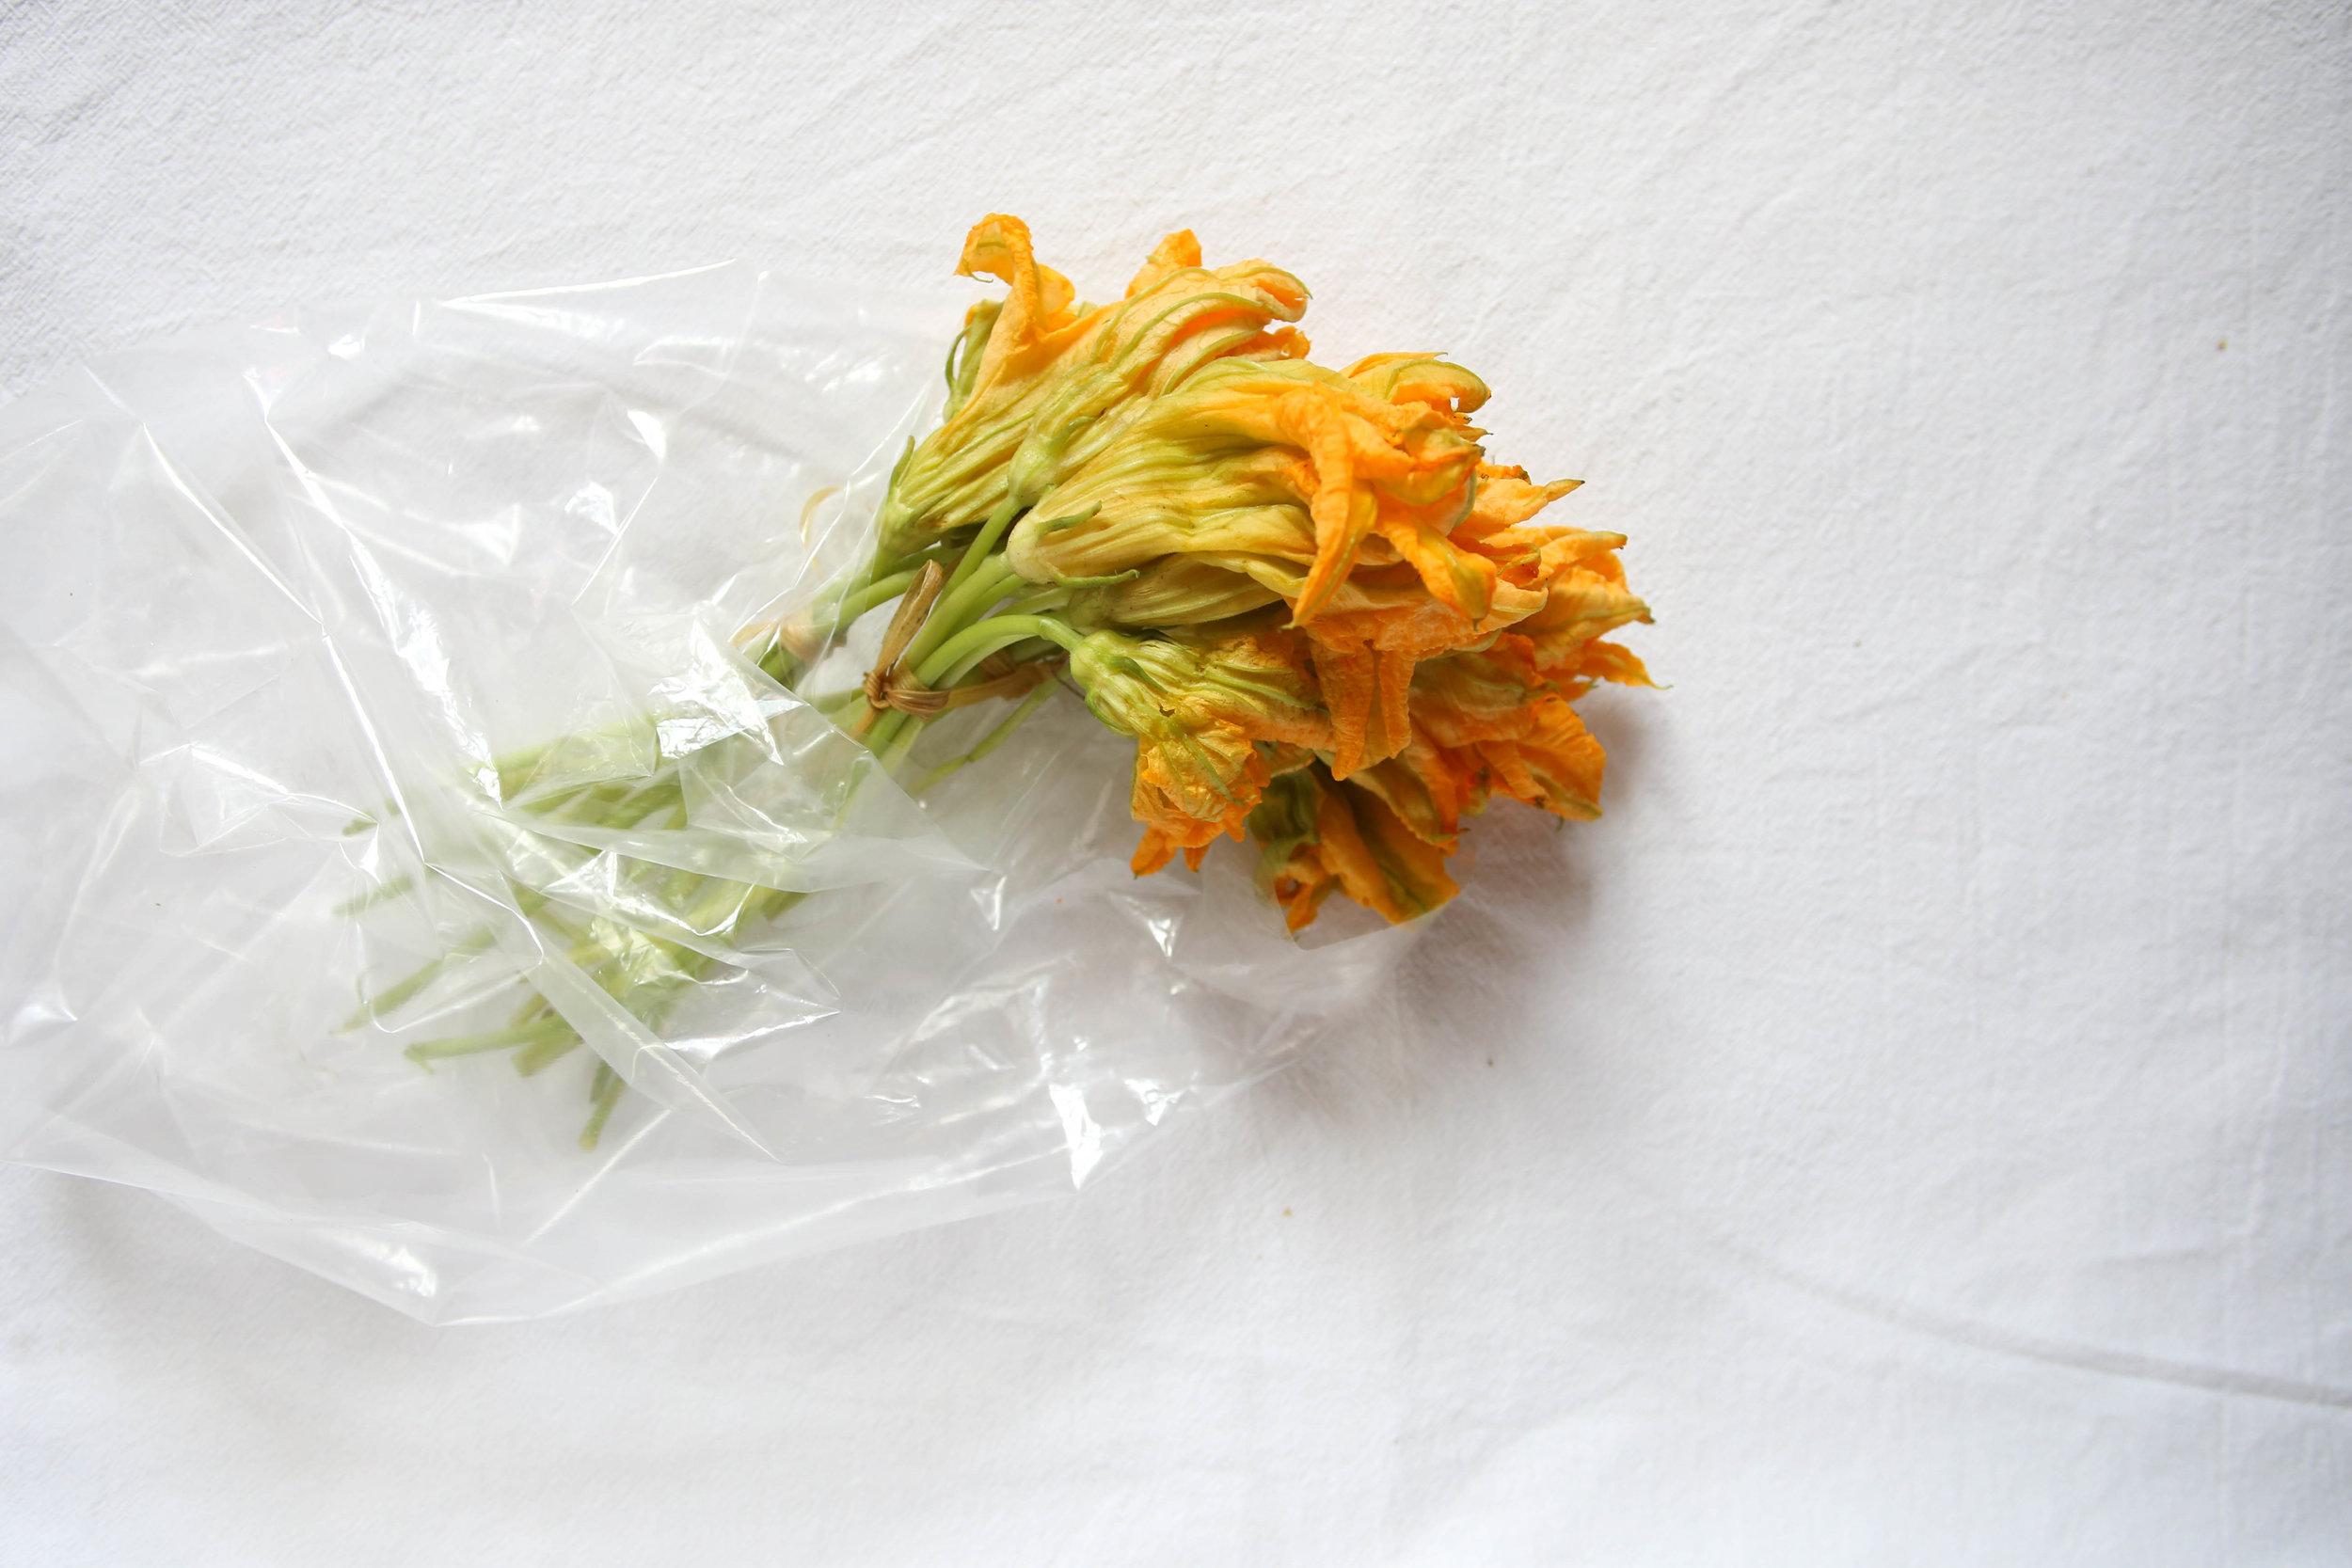 Flor de calabaza (squash blossoms )